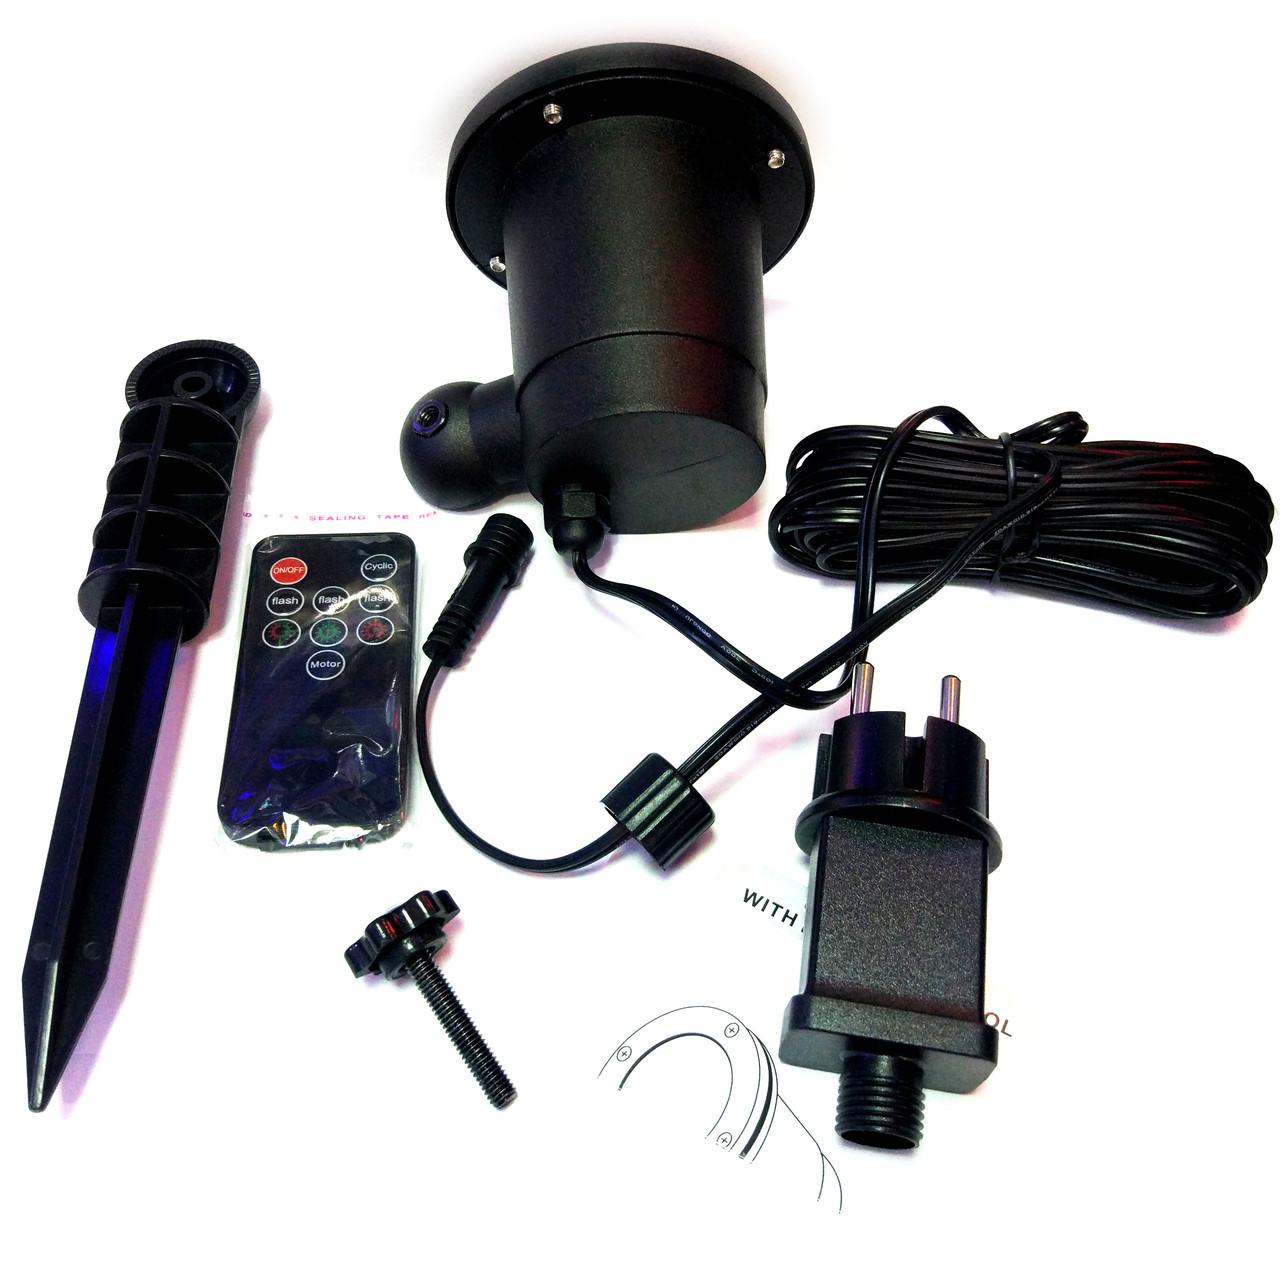 Лазерный дождь, звездный проектор, гирлянда с пультом Star Shower - фото 9